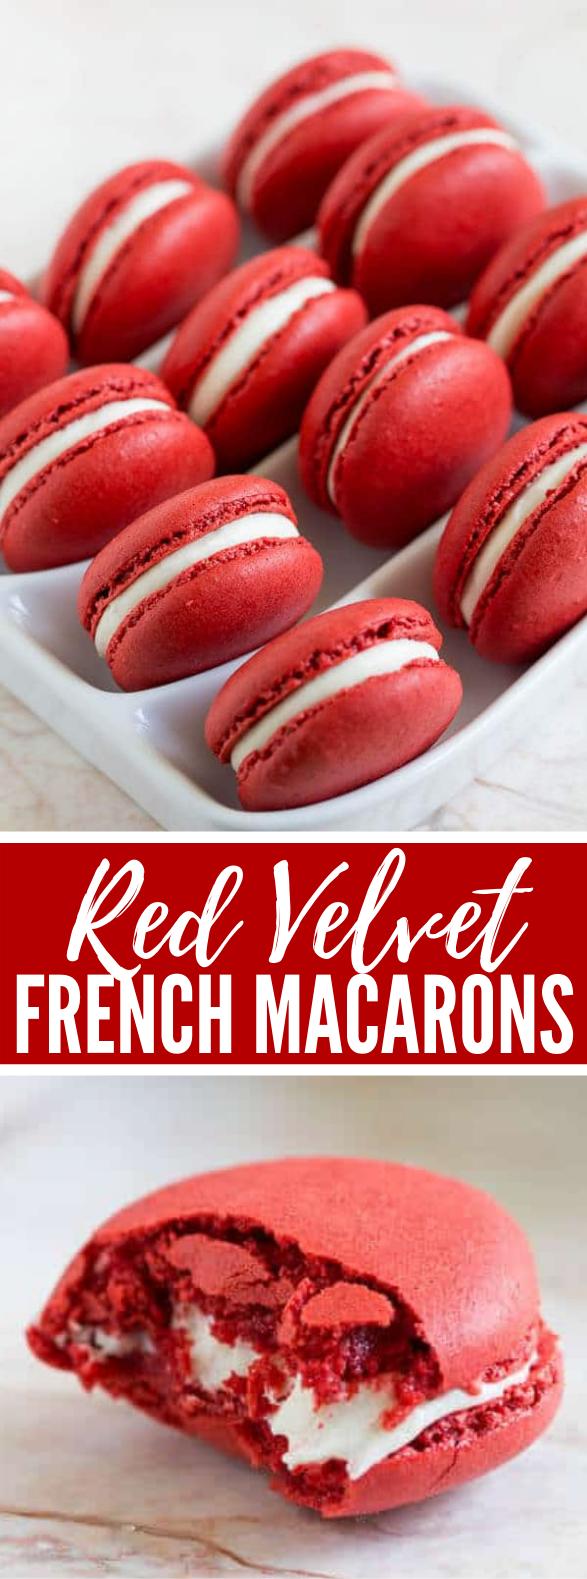 Red Velvet Macarons #cookies #dessert